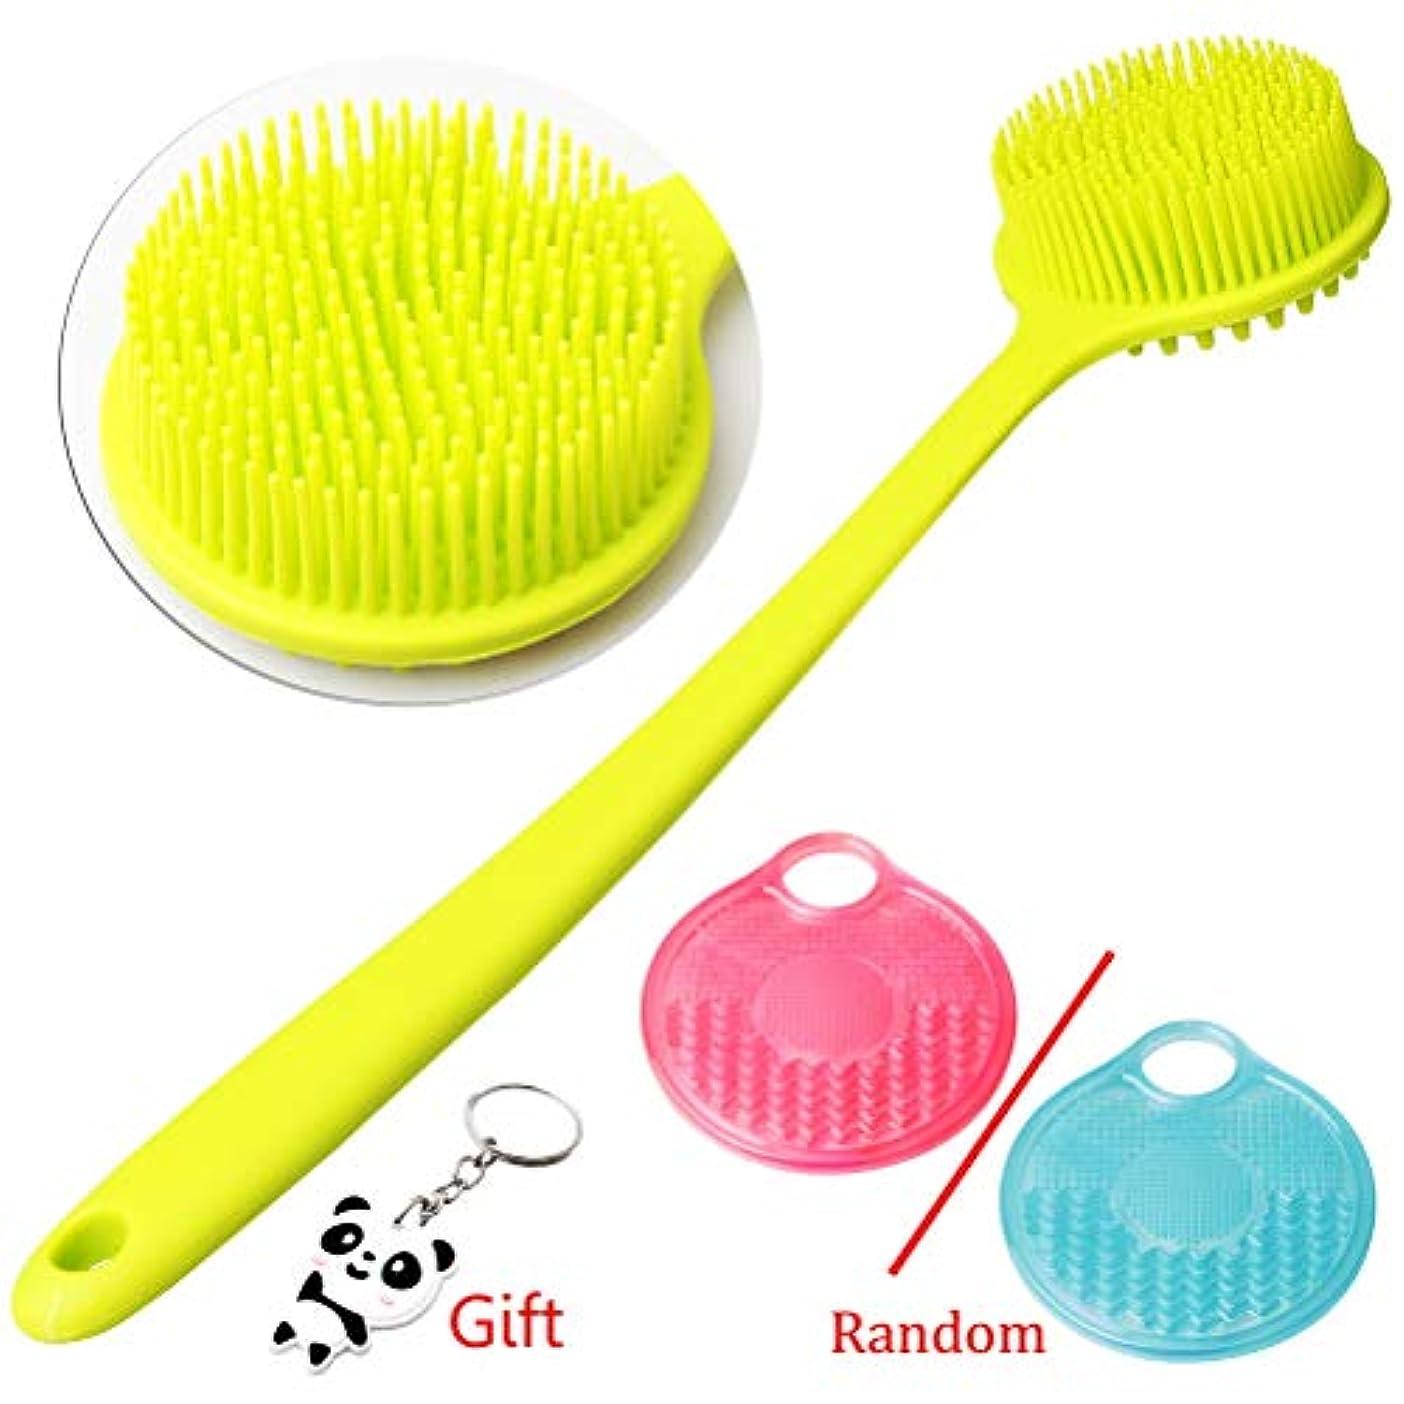 ボディブラシ 体洗いブラシ 2個セット シャワーブラシ 血行促進 角質除去 美肌効果 お風呂用 シリコン製 グリーンとピンク